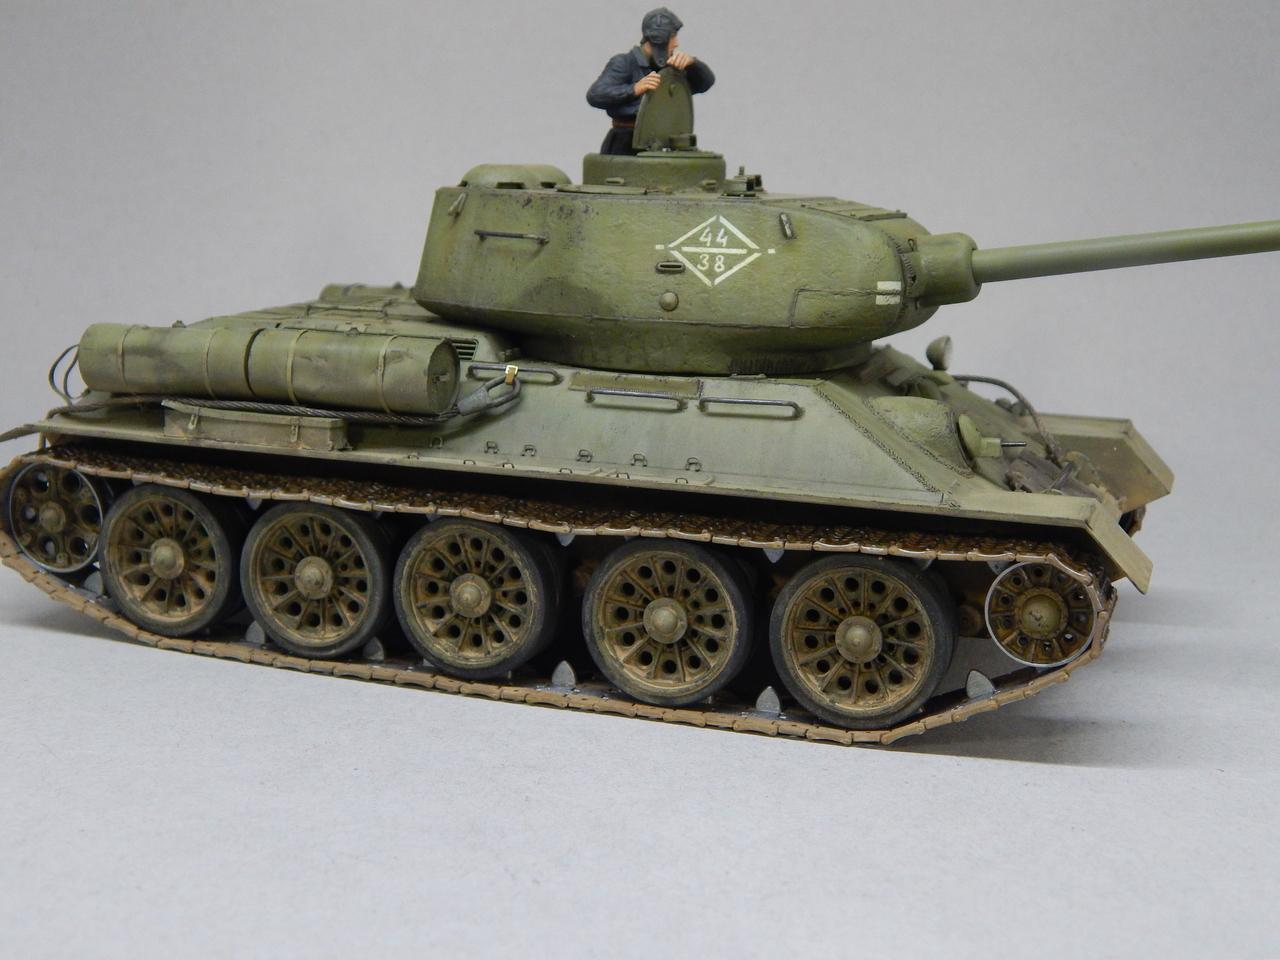 """""""Т-34/85. 1-я Гвардейская танковая армия, 11-й Гвардейский корпус, 44-я Гвардейская бригада."""" Берлин 1945 г. DSCN3088"""